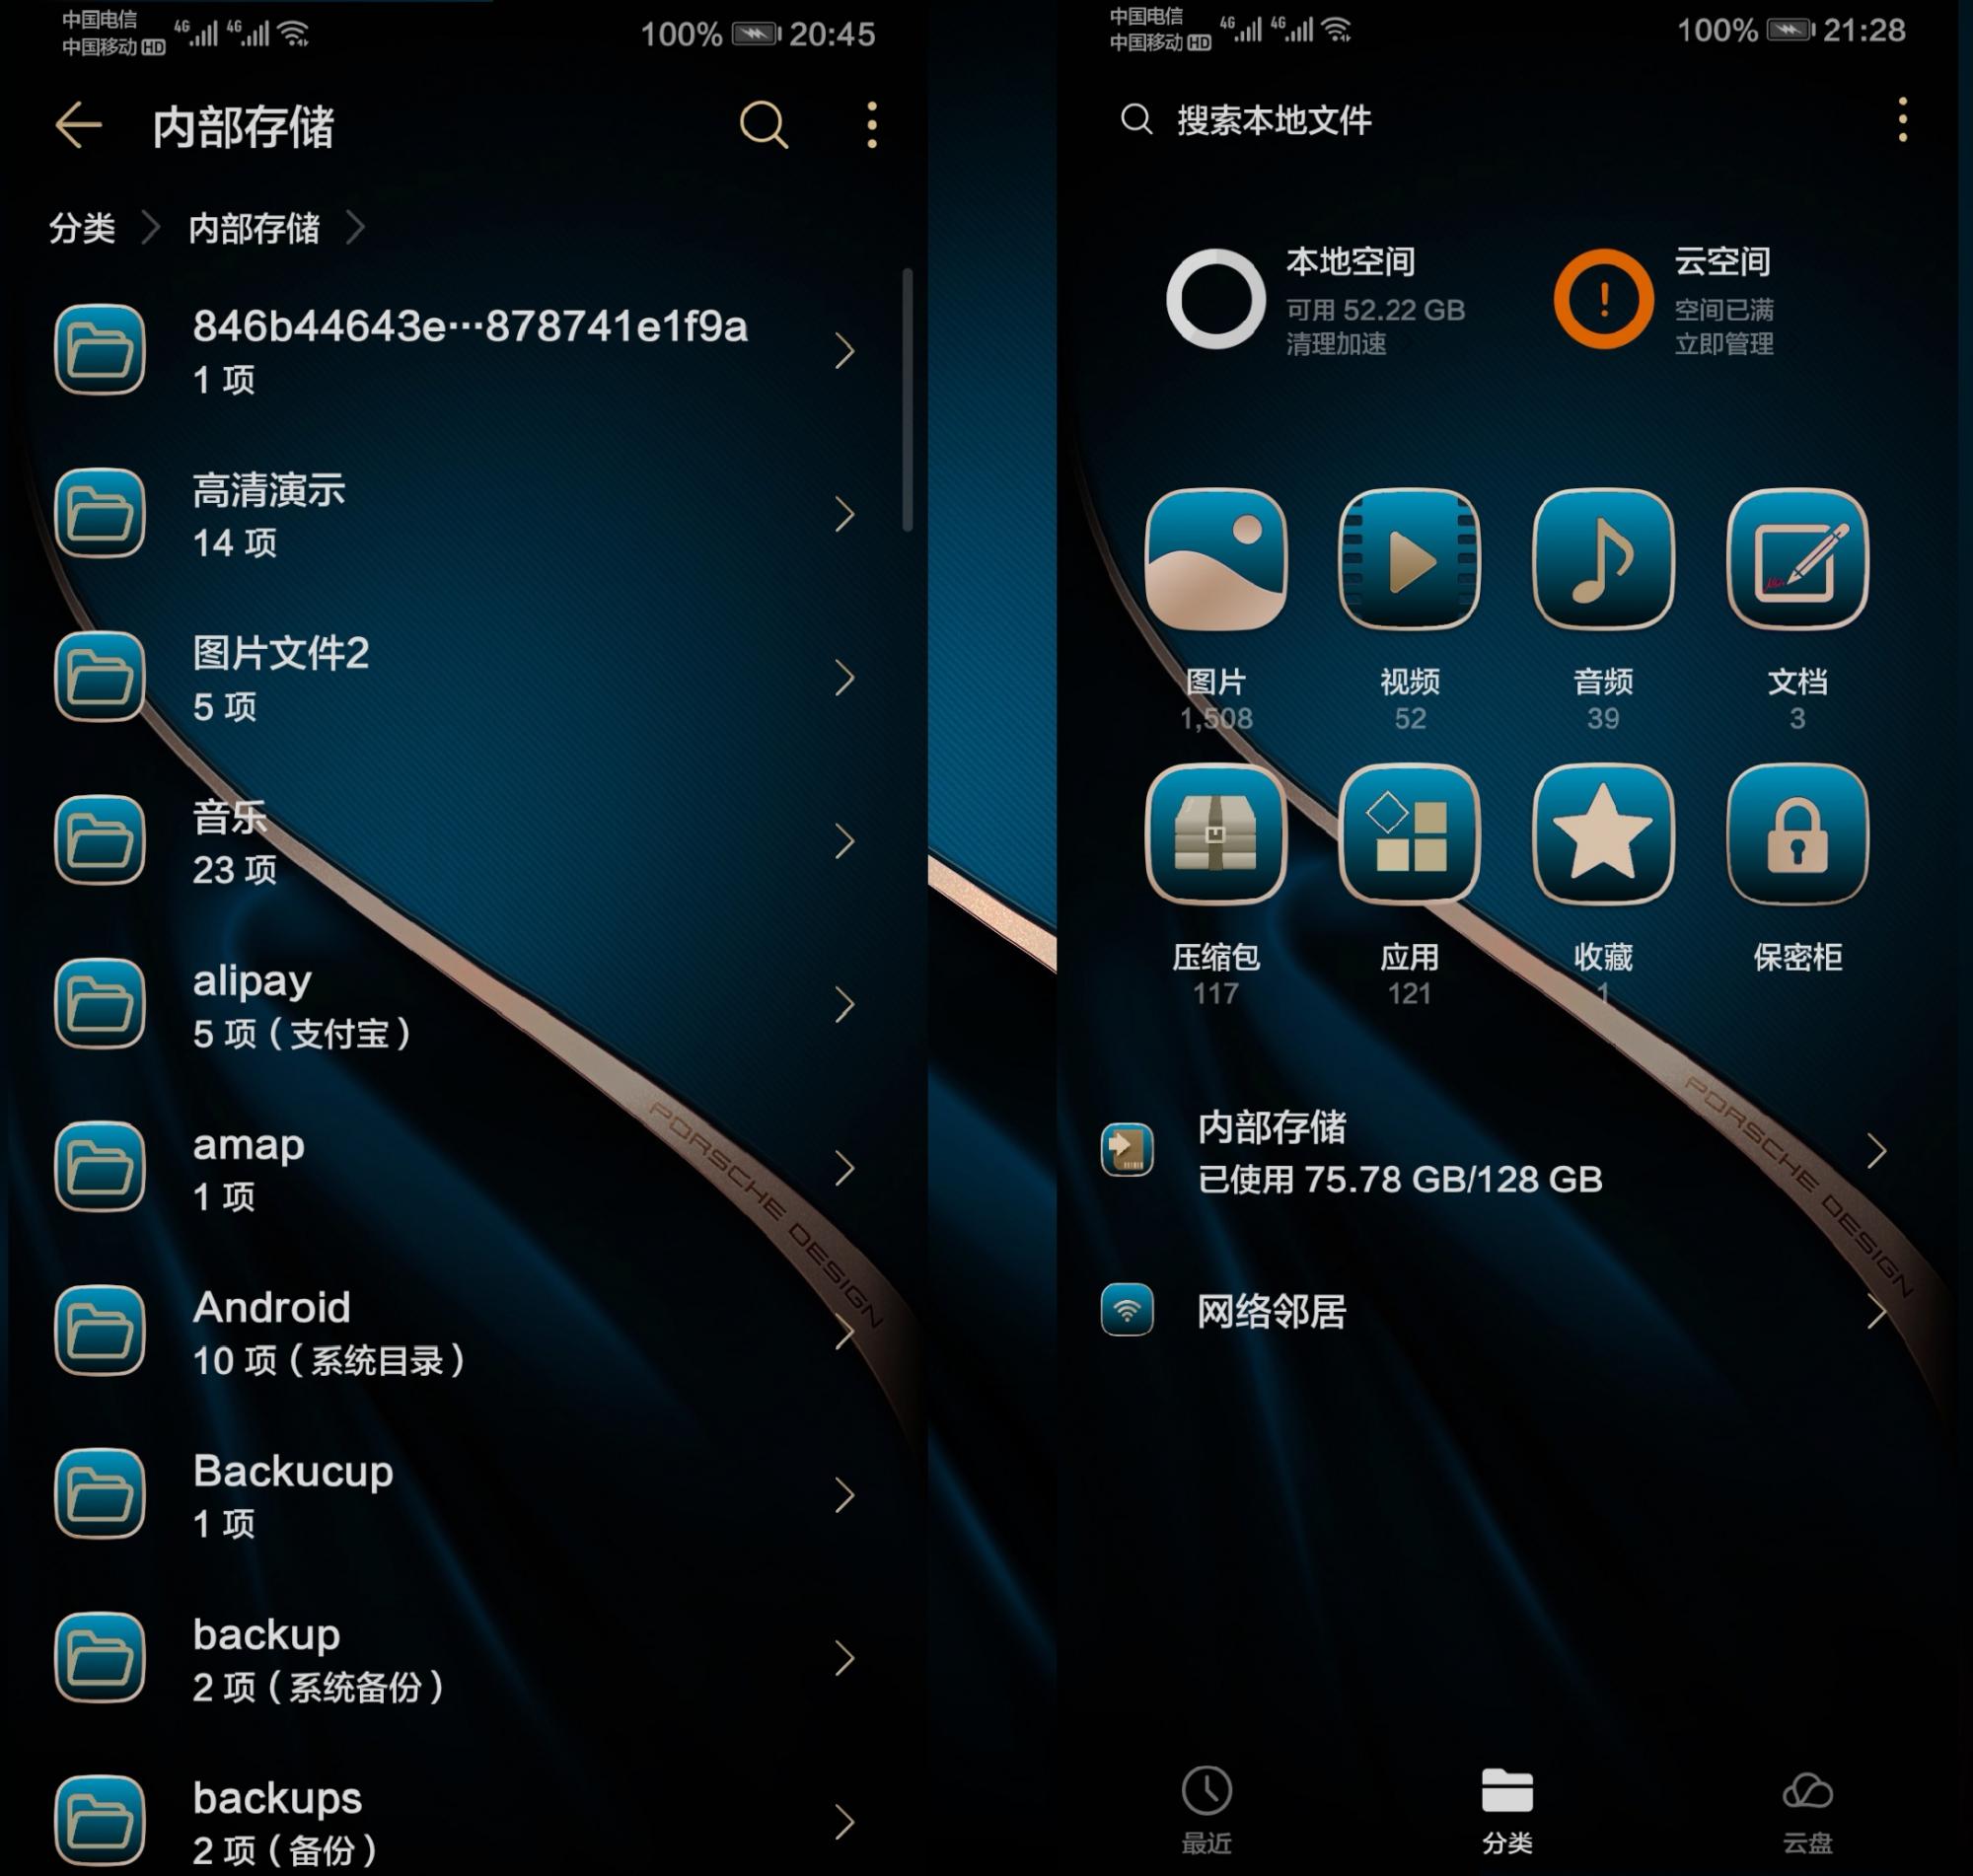 home_wallpaper_0_1564838561793_1564839014660.jpg